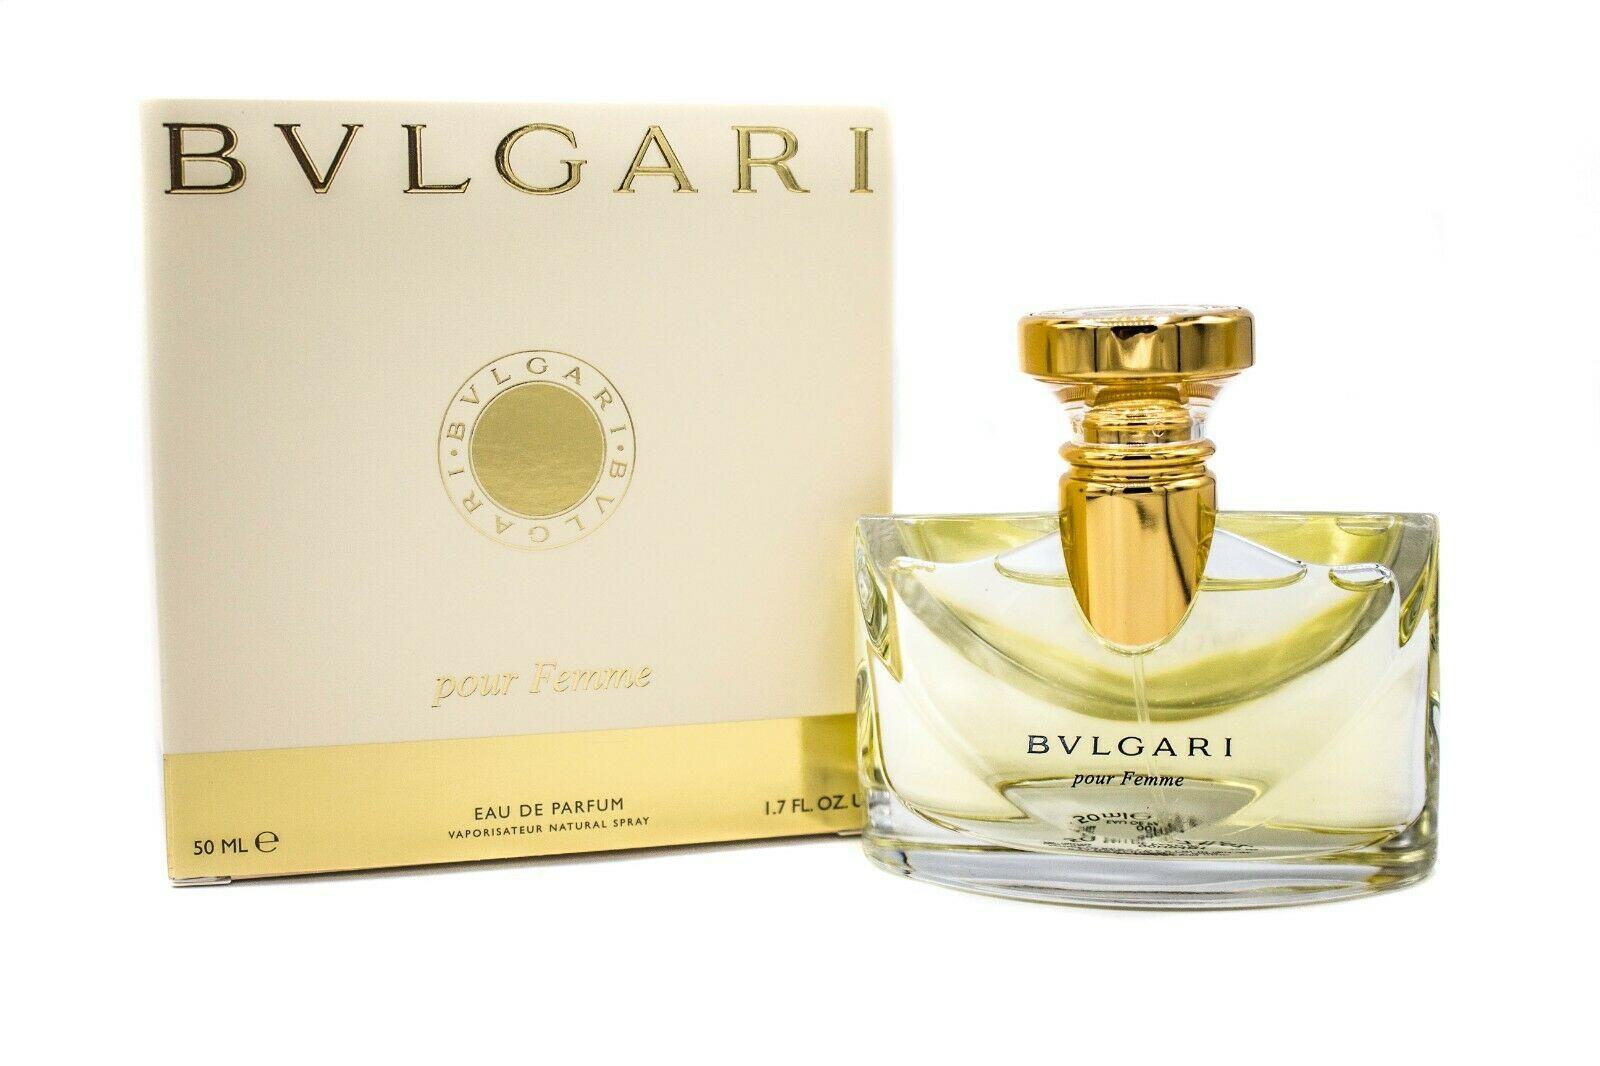 Aaabvlgari pour femme perfume 1.7 oz edp spray